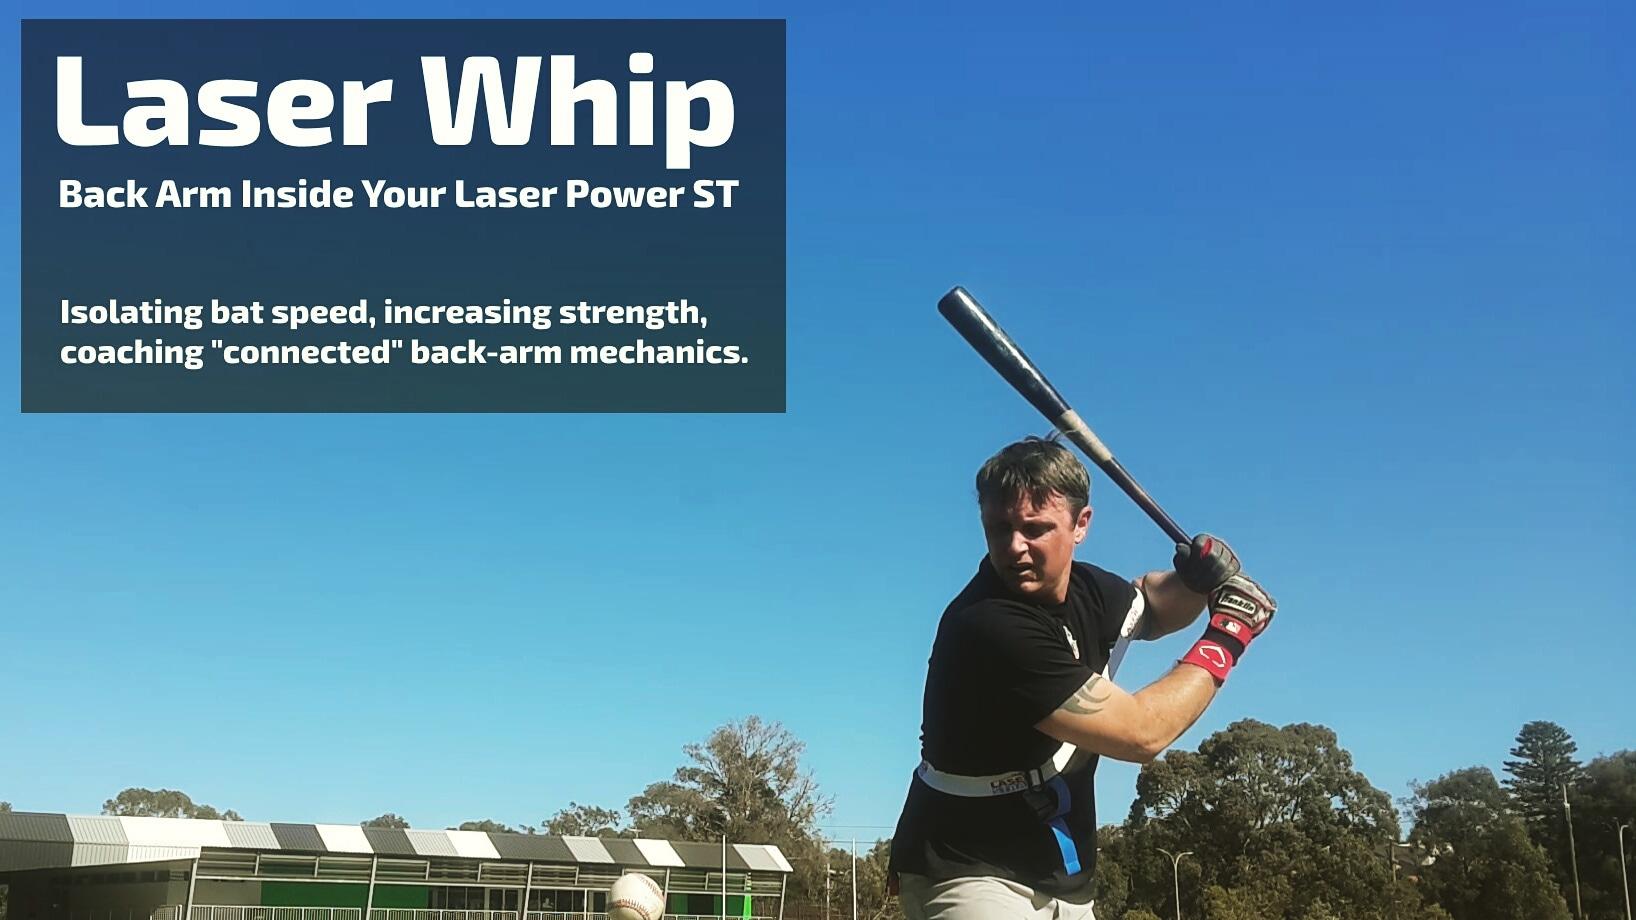 baseball power hitting trainer laser power st